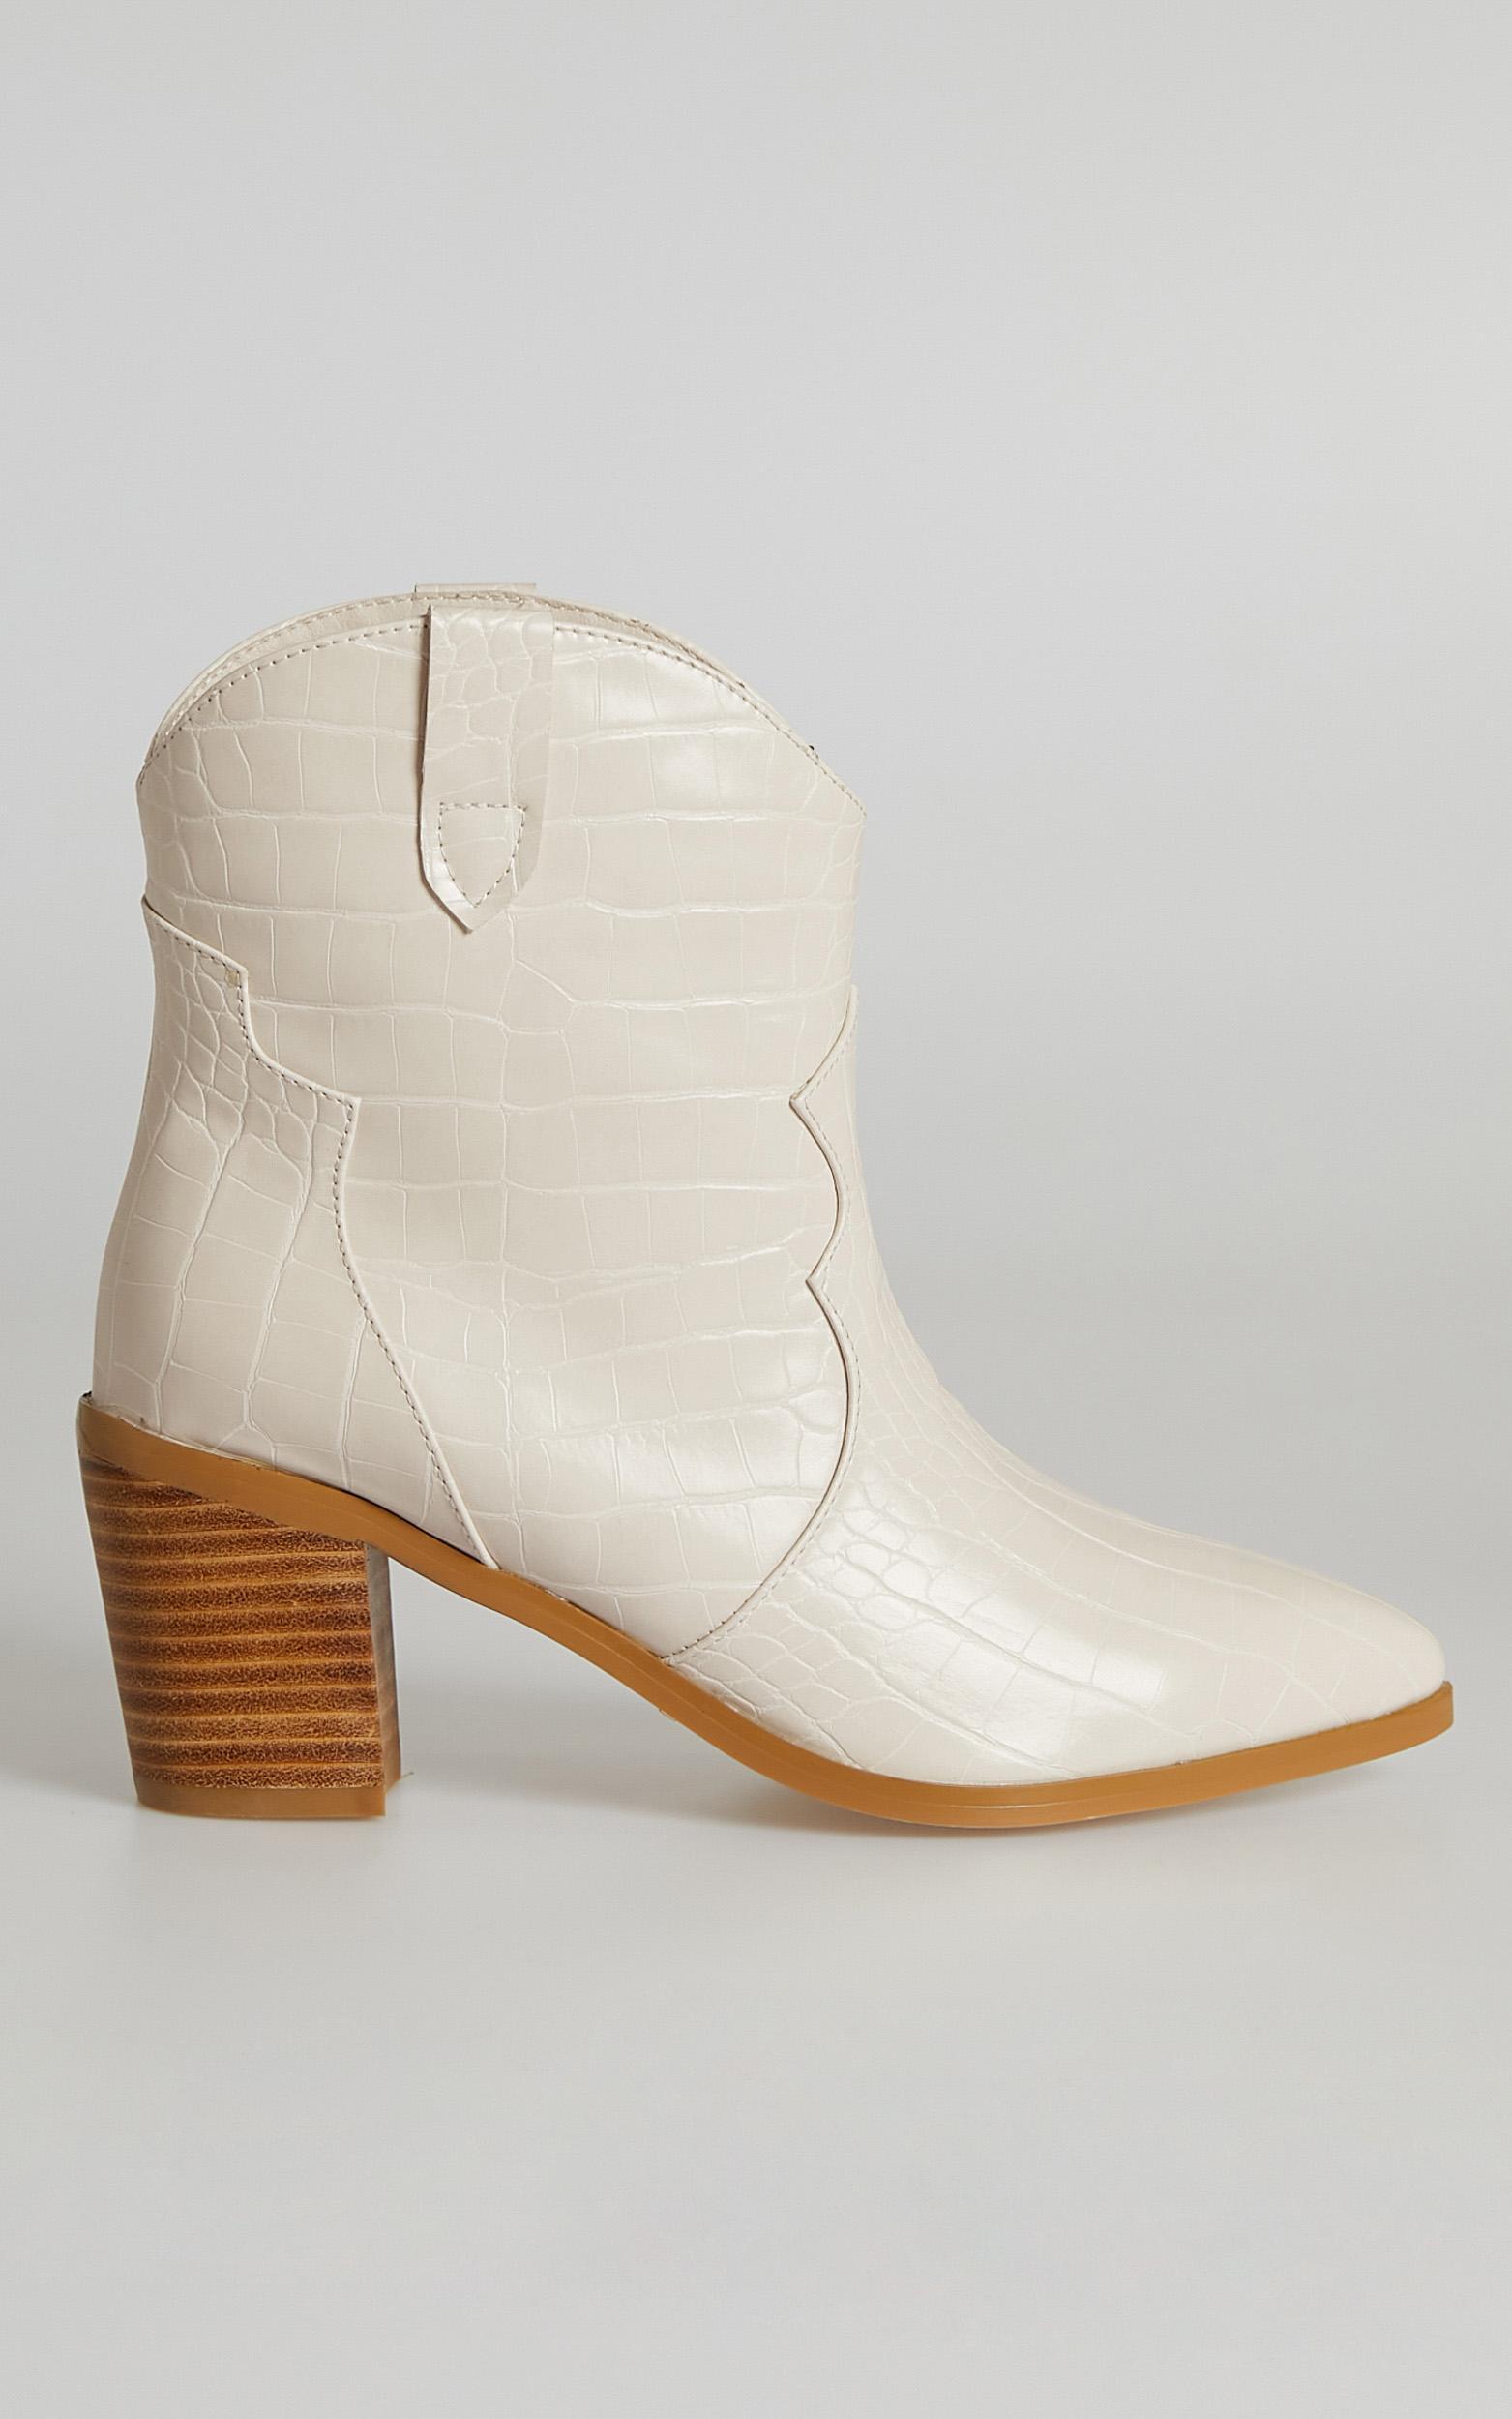 Billini - Nirvana Boots in Milk Croc - 5, Cream, hi-res image number null